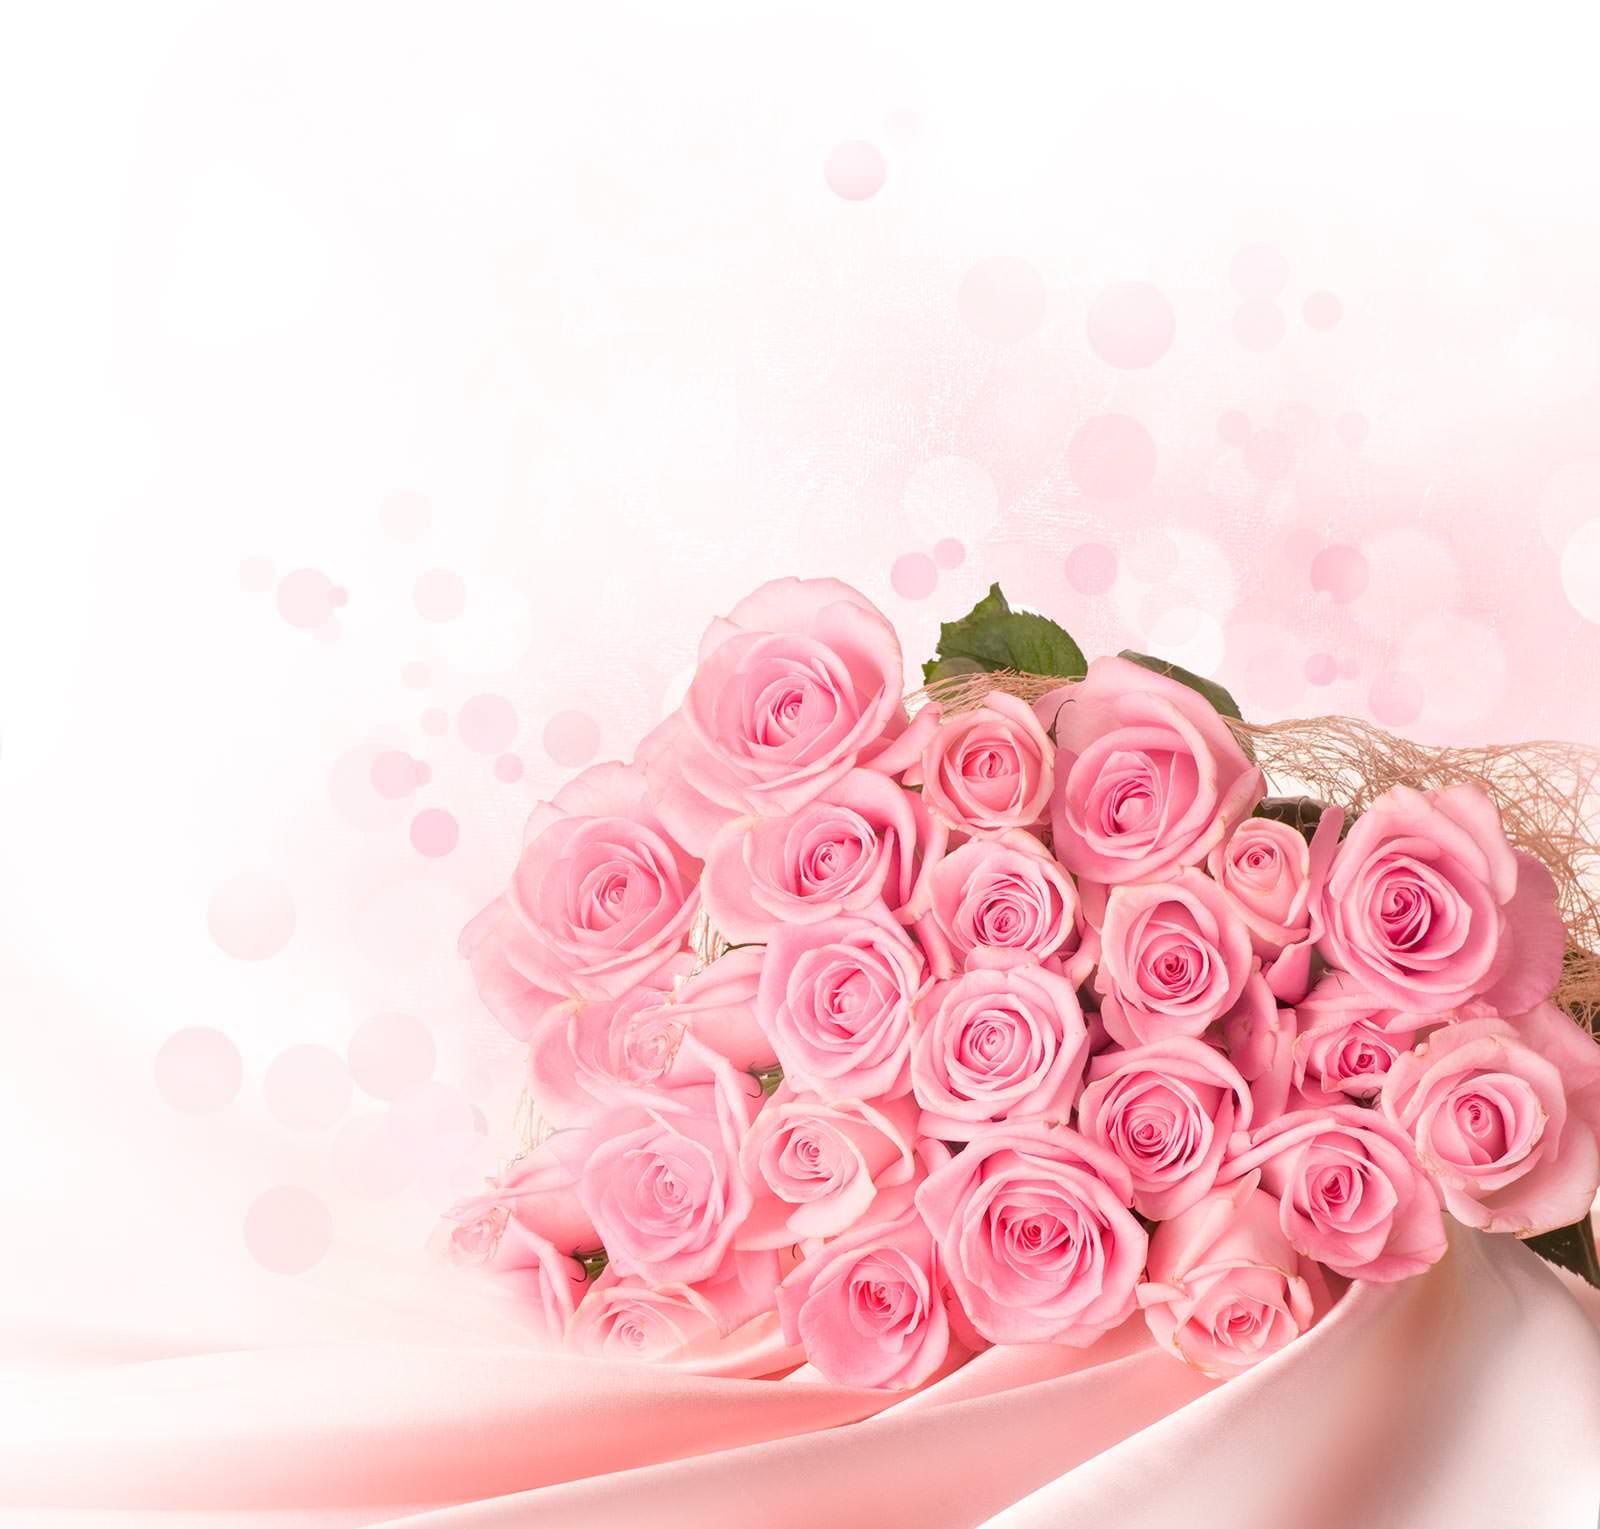 Фон для открытки с днем рождения женщине цветы, днем